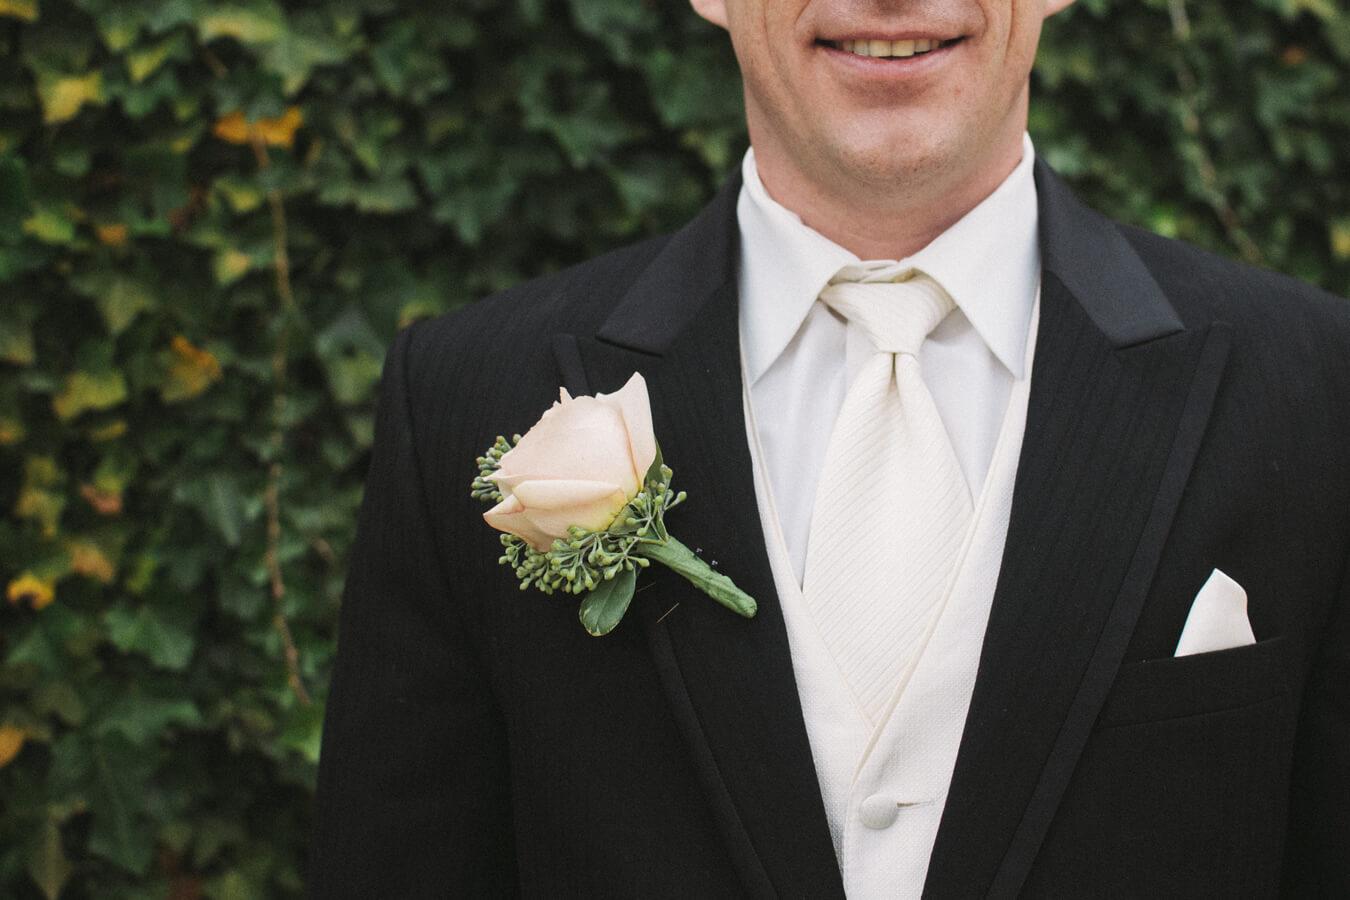 Gentleman in a tuxedo